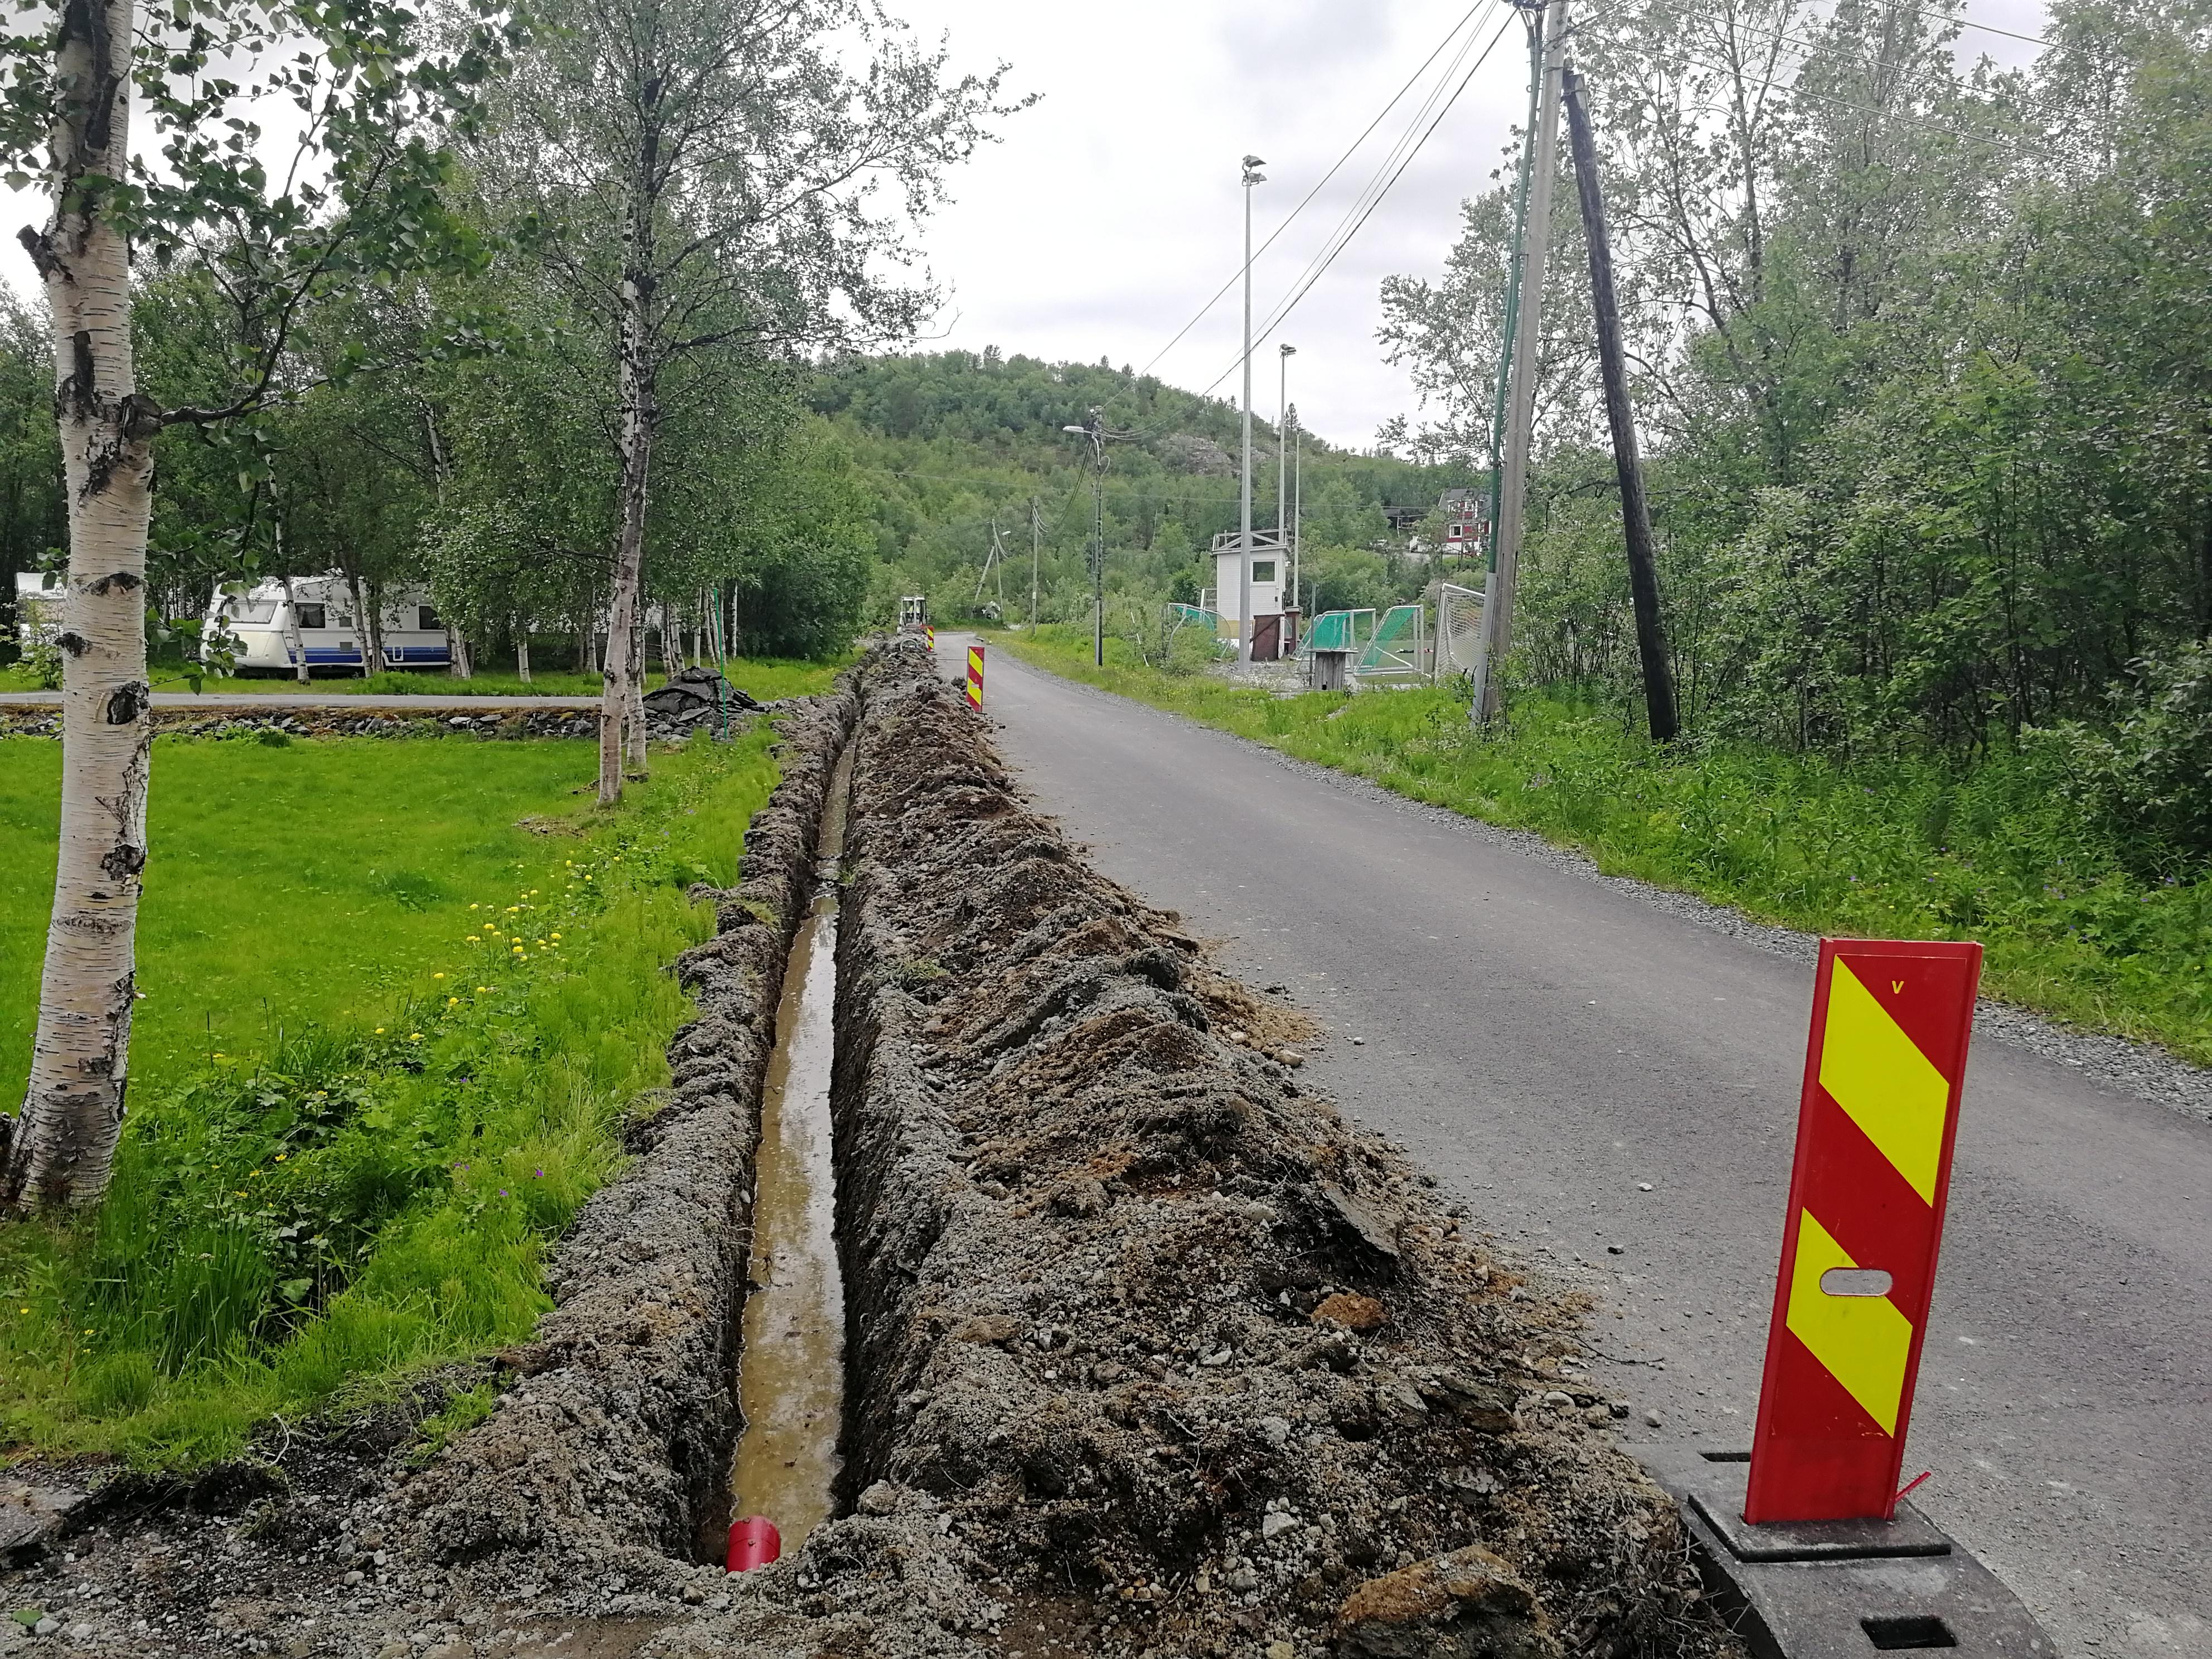 fiberutbygging i bjørnevatn og fibergrøft i egne hjems vei